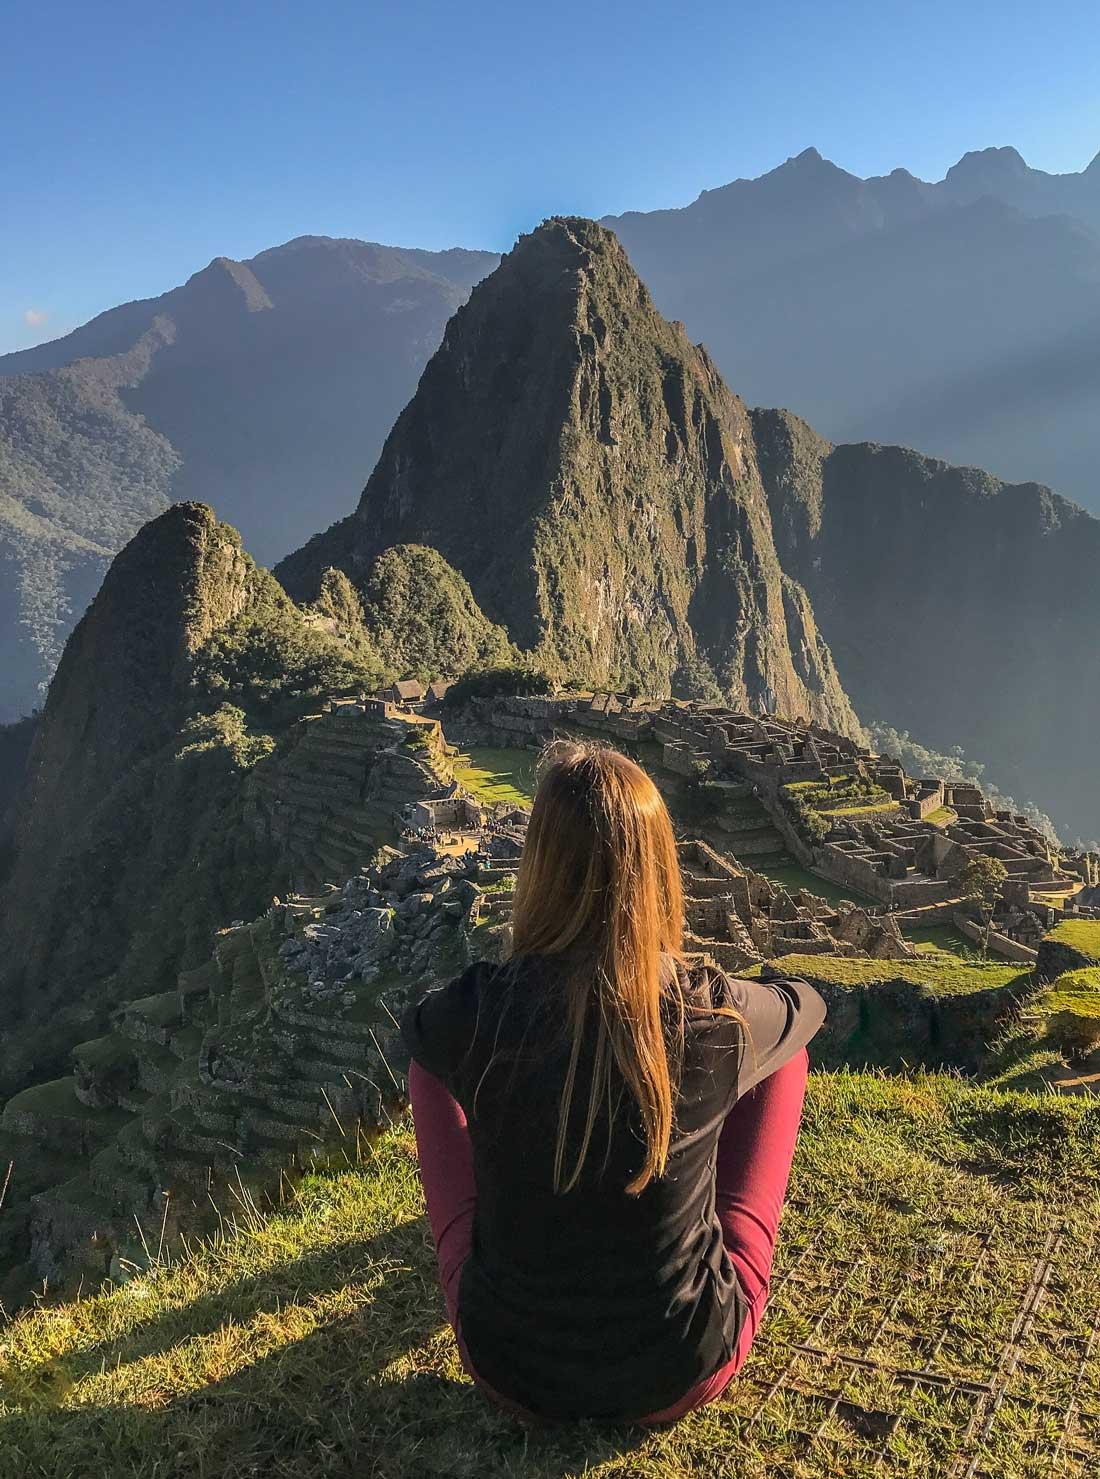 Come Vive ViajaTodo lo que necesitas saber para visitar Machu Picchu y Huayna Picchu Wayna amanecer paisaje